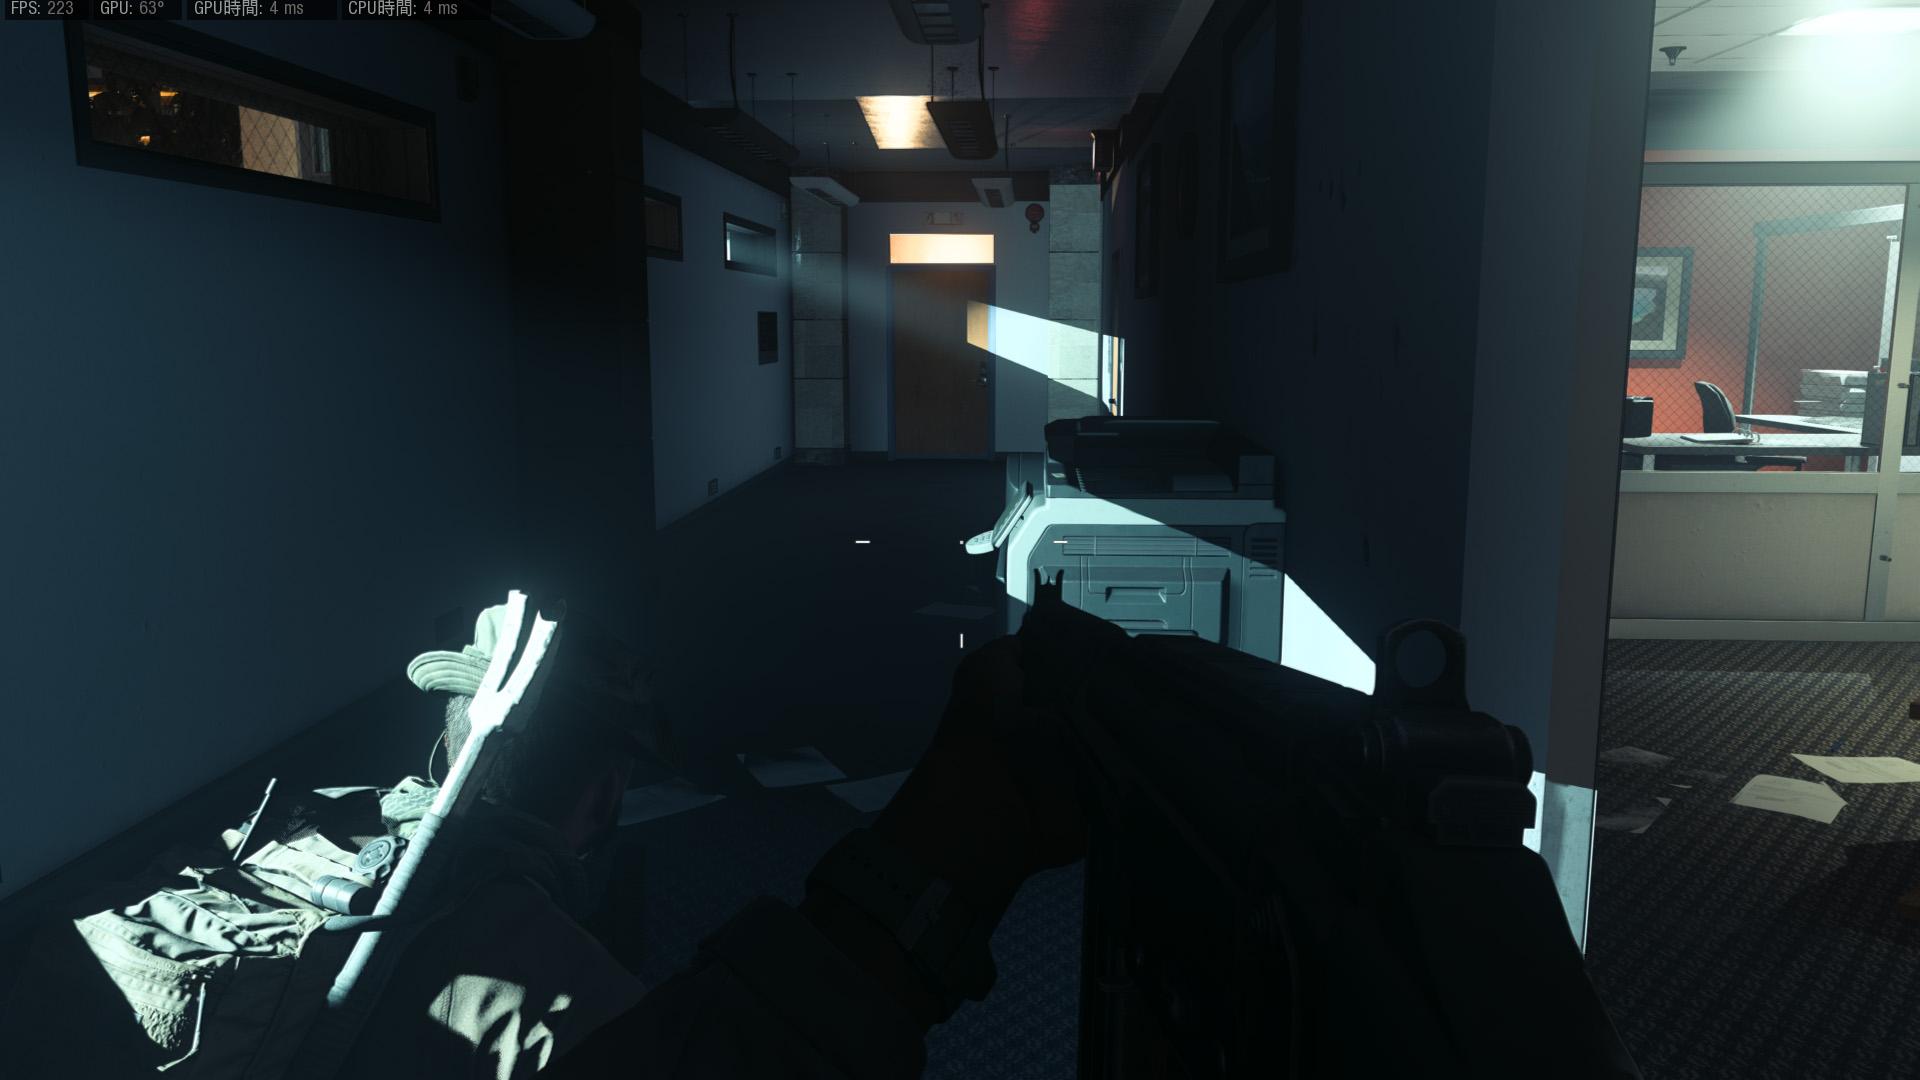 DXRがOFF(デフォルト)の状態では影の輪郭はパキッとシャープ<br>(C)2019 Activision Publishing, Inc.